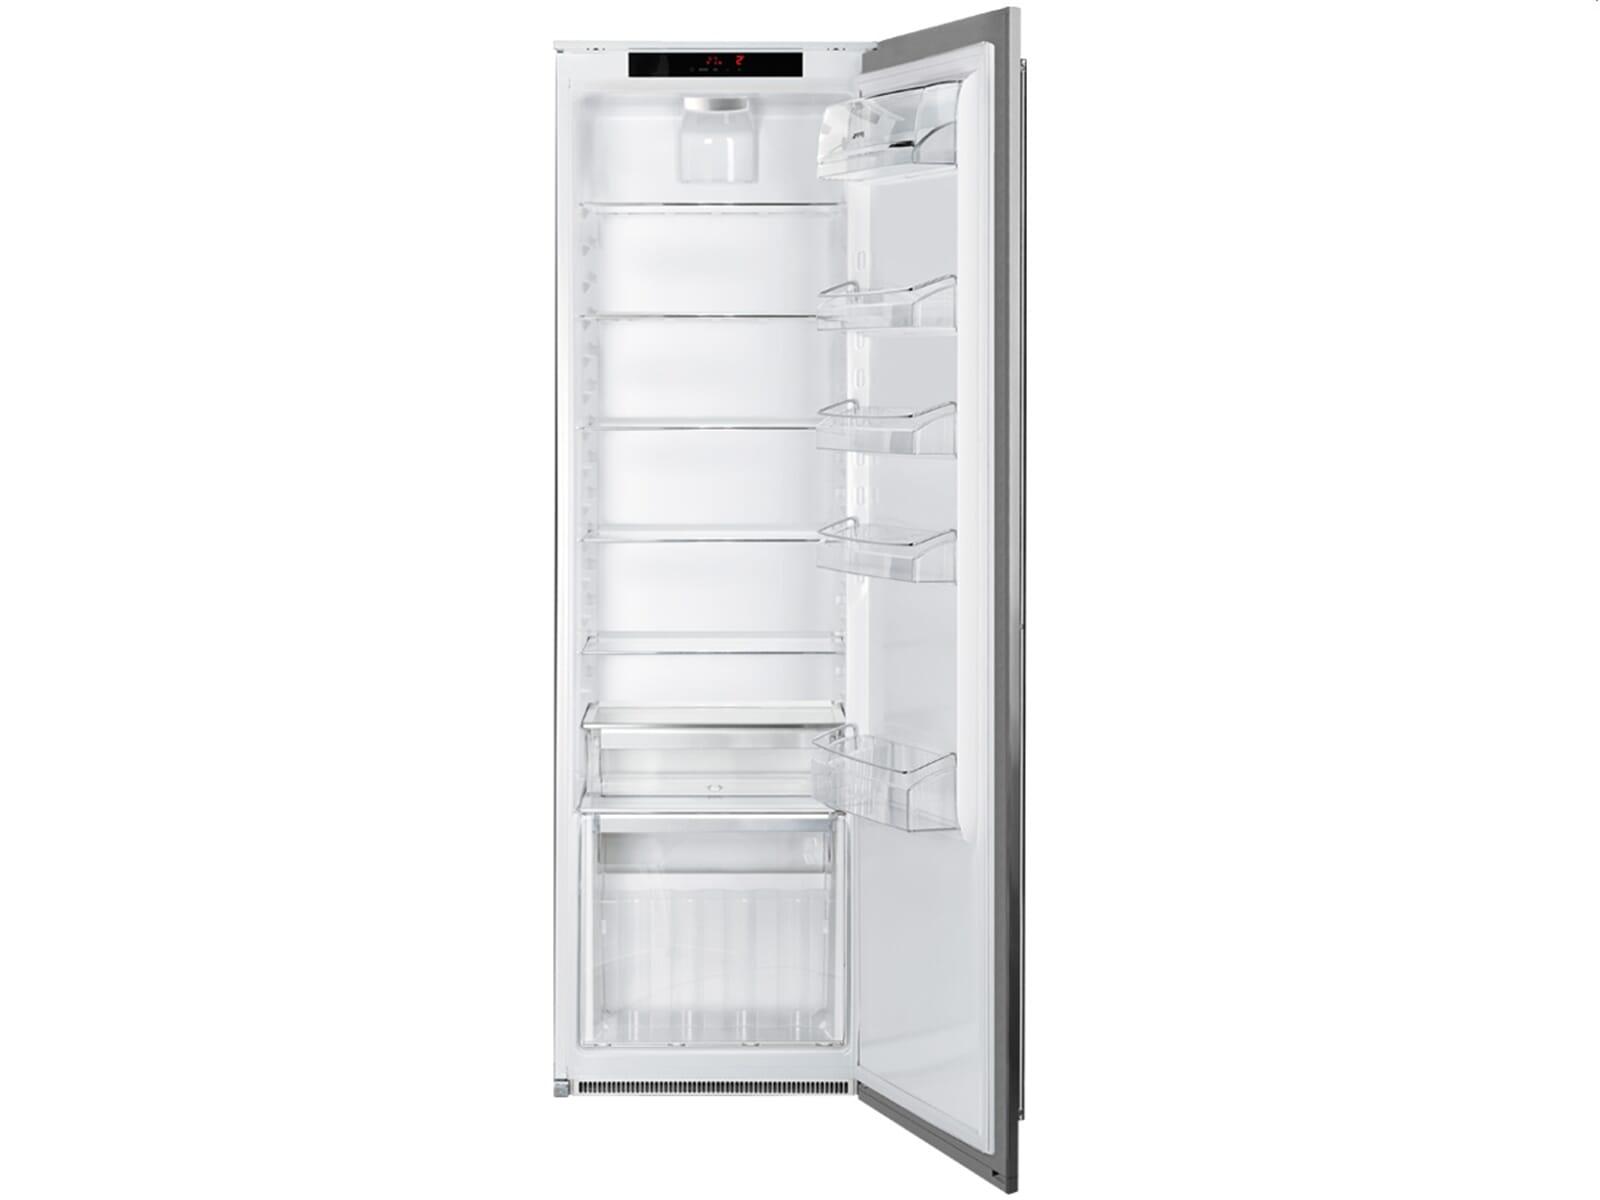 Kühlschrank Von Smeg : No frost kühlschrank neu groß kühlschrank rot smeg mit gefrierraum